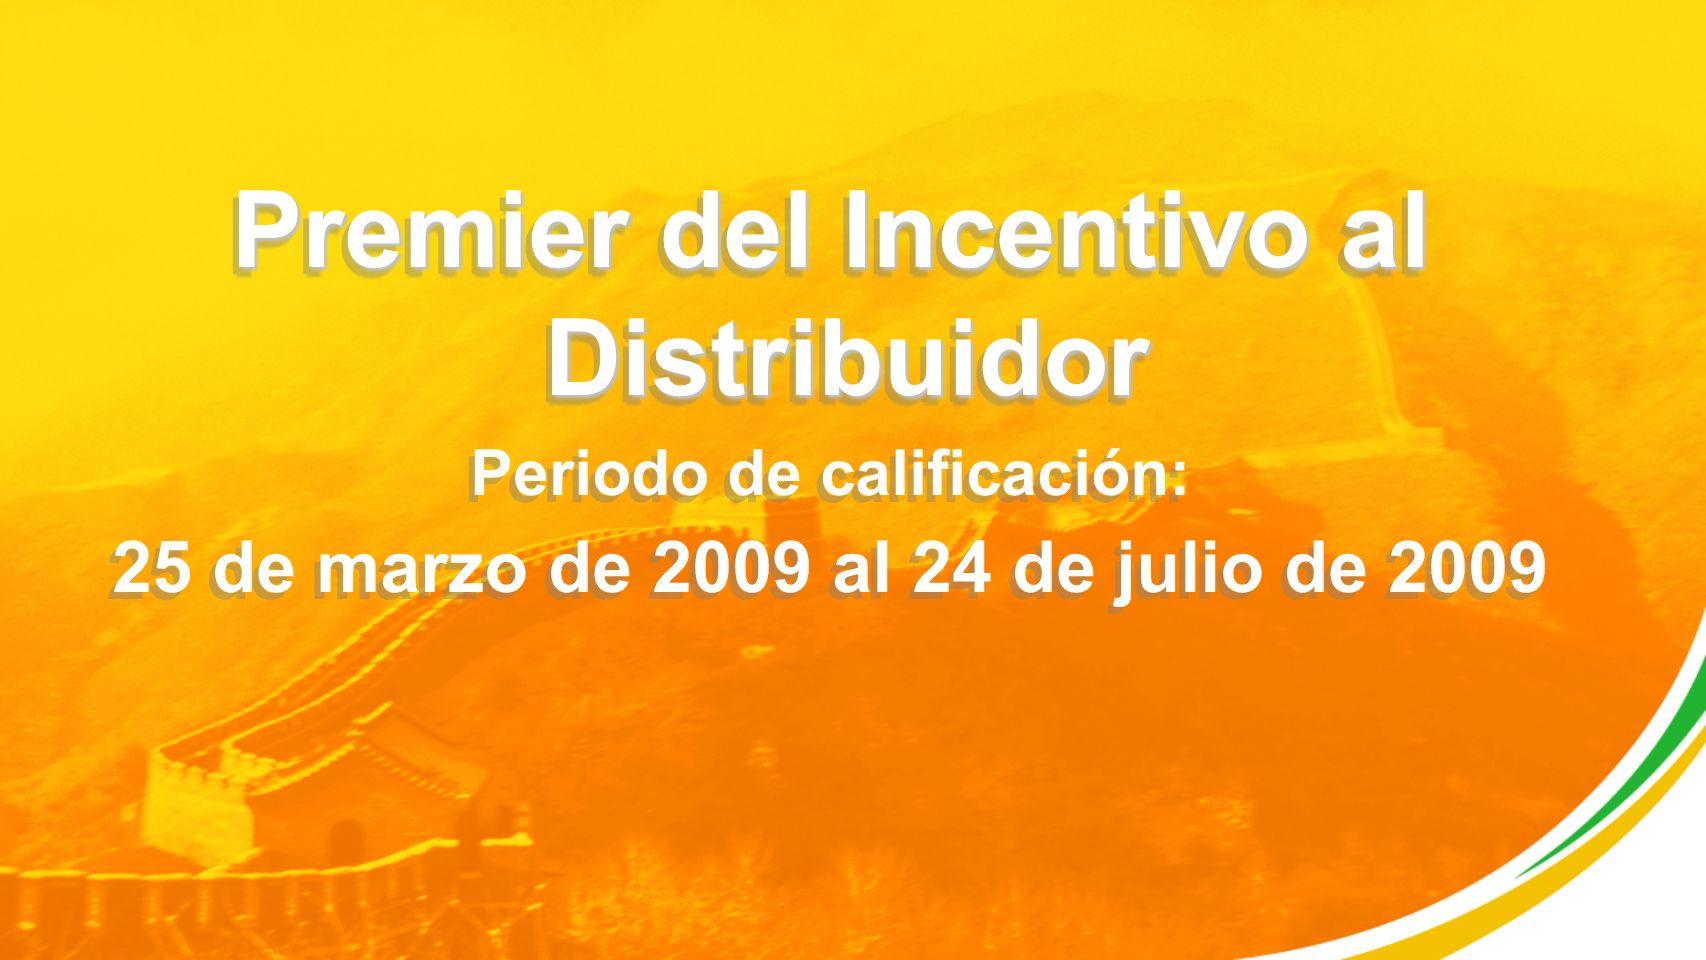 Premier del Incentivo al Distribuidor Periodo de calificación: 25 de marzo de 2009 al 24 de julio de 2009 Premier del Incentivo al Distribuidor Periodo de calificación: 25 de marzo de 2009 al 24 de julio de 2009